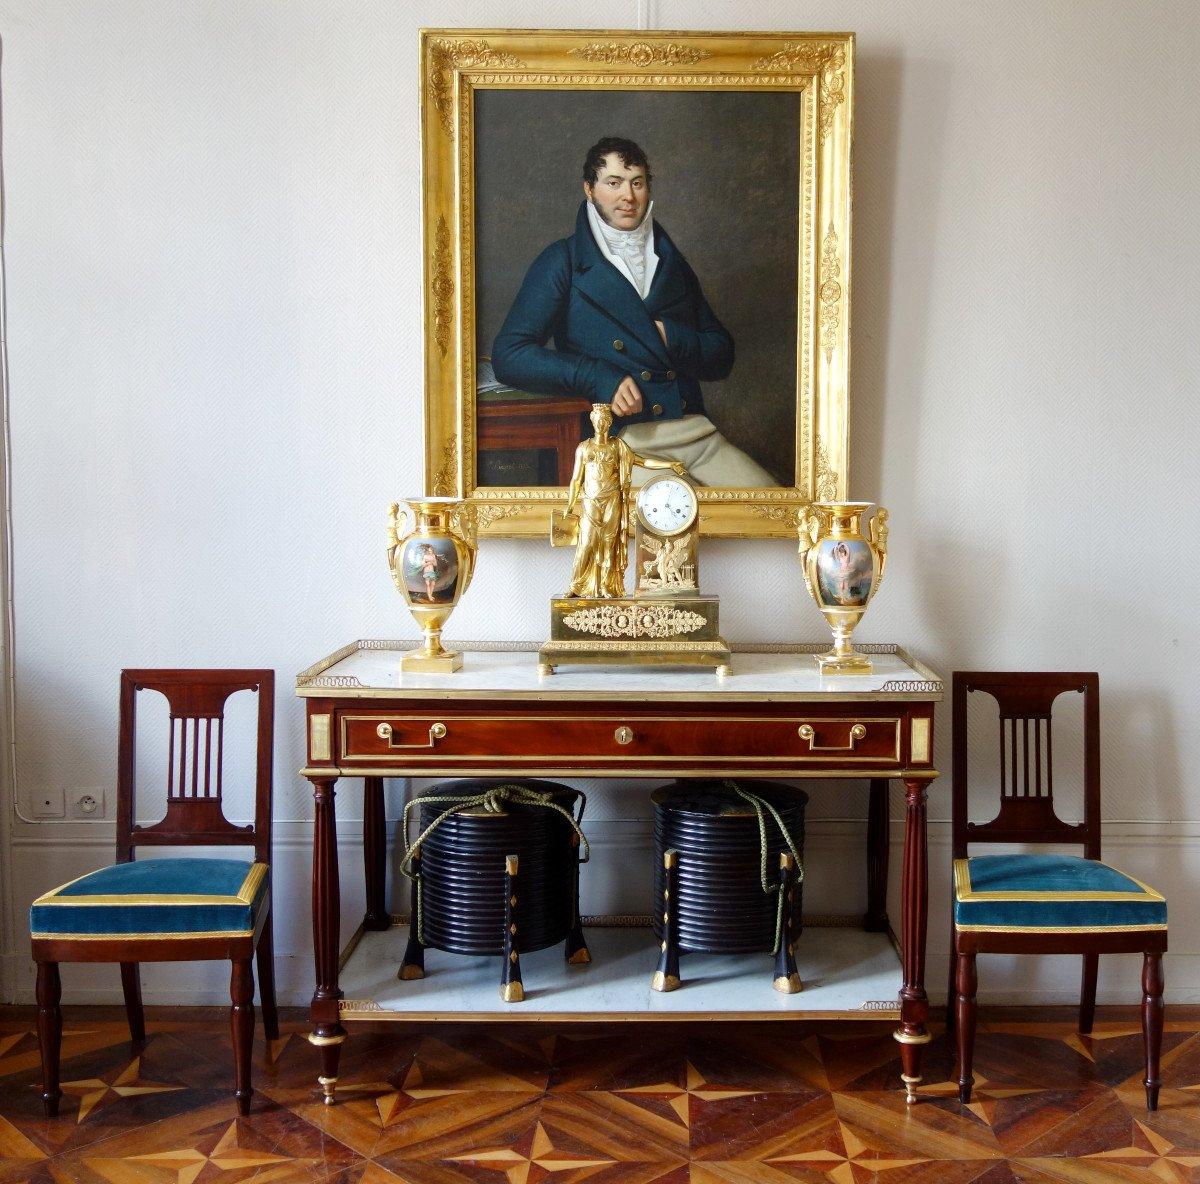 Paire De Chaises Par Jacob Pour Louis Philippe Au Chateau De Bizy - Estampilles Et Marques  Feu-photo-7